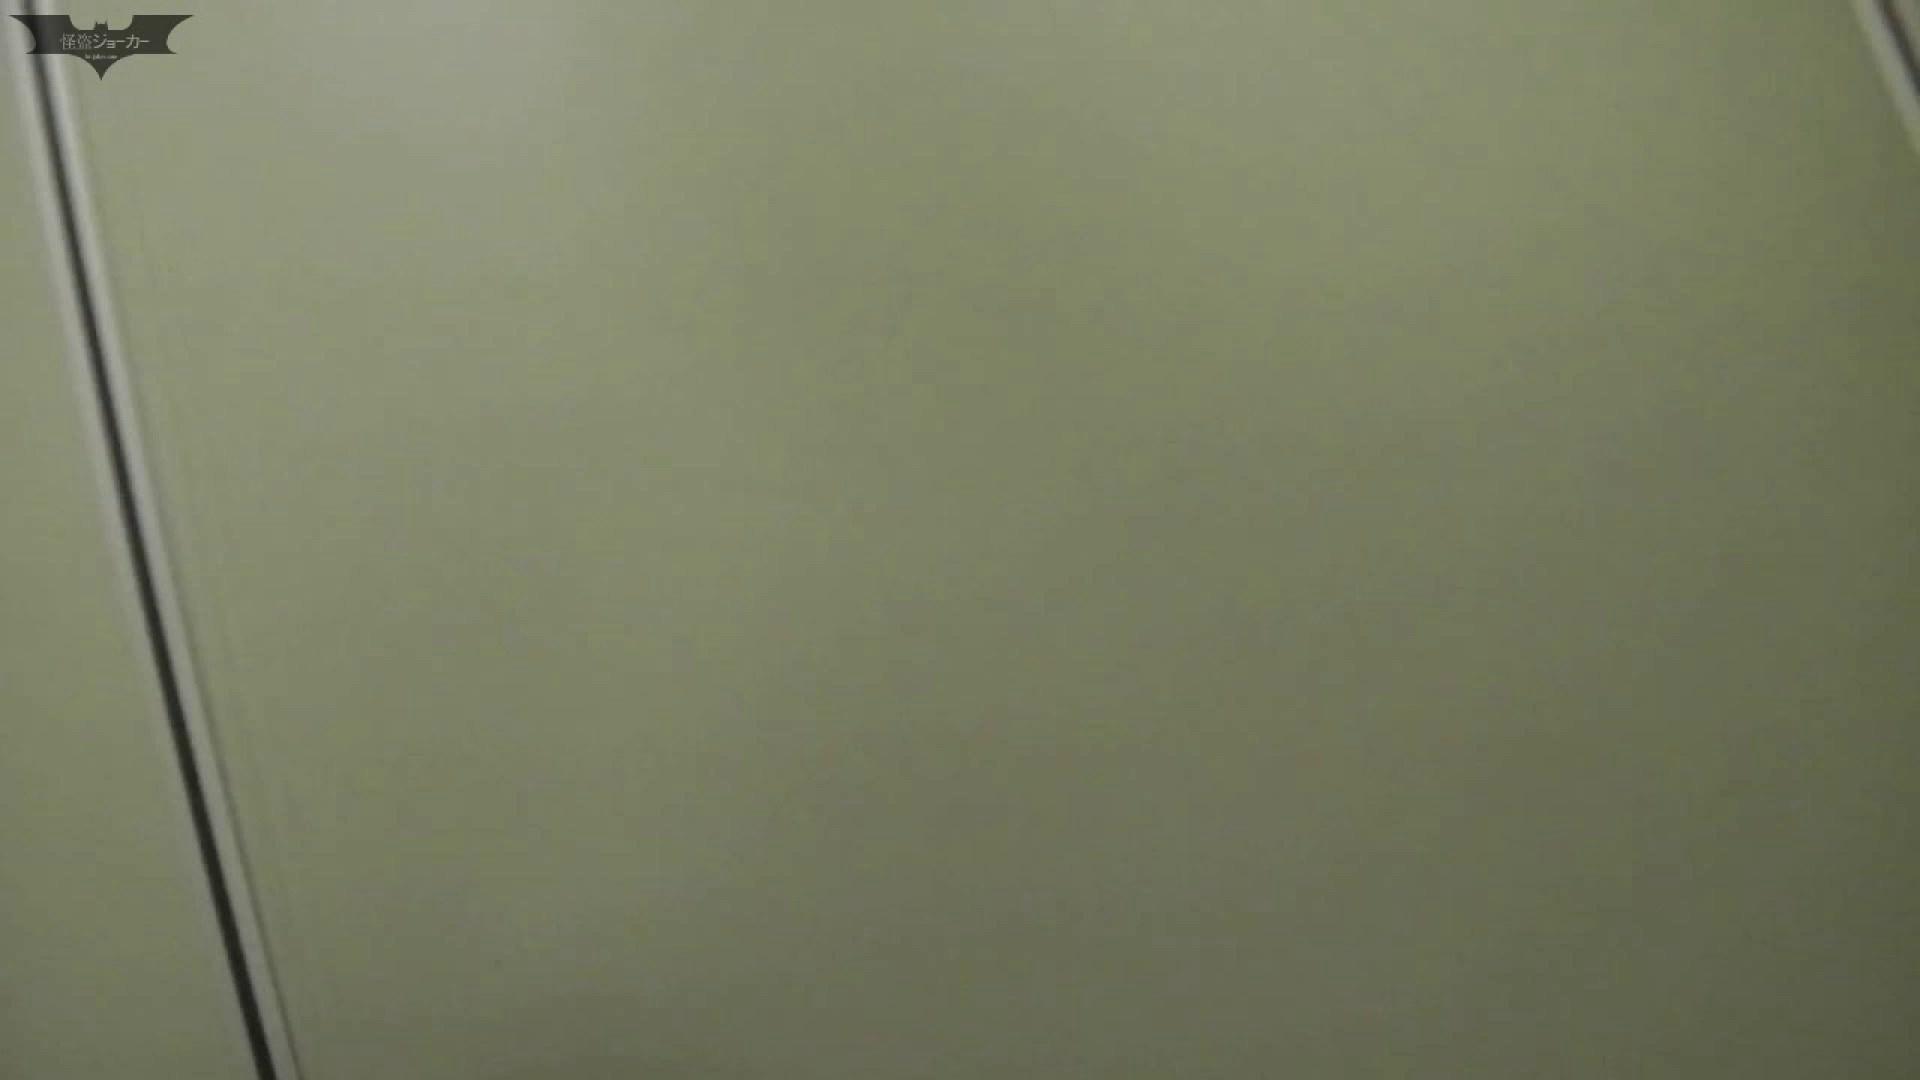 【期間・個数限定配信】 マンコ丸見え!第三体育館潜入撮File001 丸見え  43連発 30